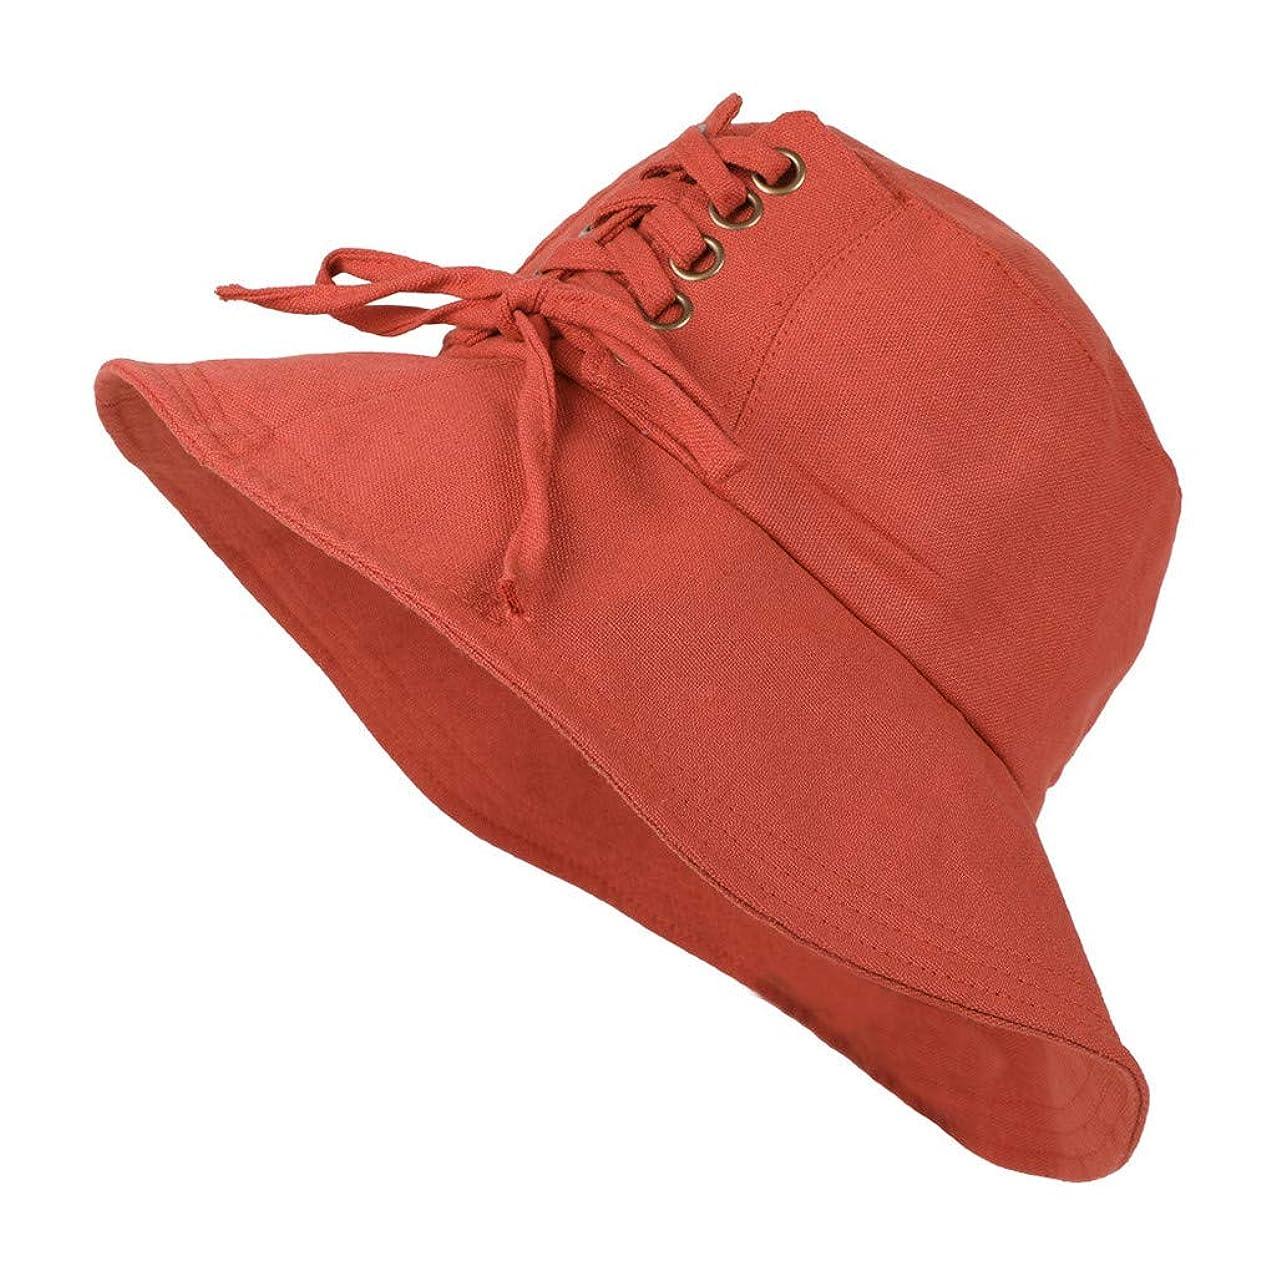 他に法王はがきUVカット 帽子 レディース 日よけ 帽子 レディース ハット つば広 ハット日よけ 折りたたみ 夏季 女優帽 小顔効果抜群 日よけ 小顔 UV対策 おしゃれ 可愛い ハット ニット帽 キャップ レディース ROSE ROMAN